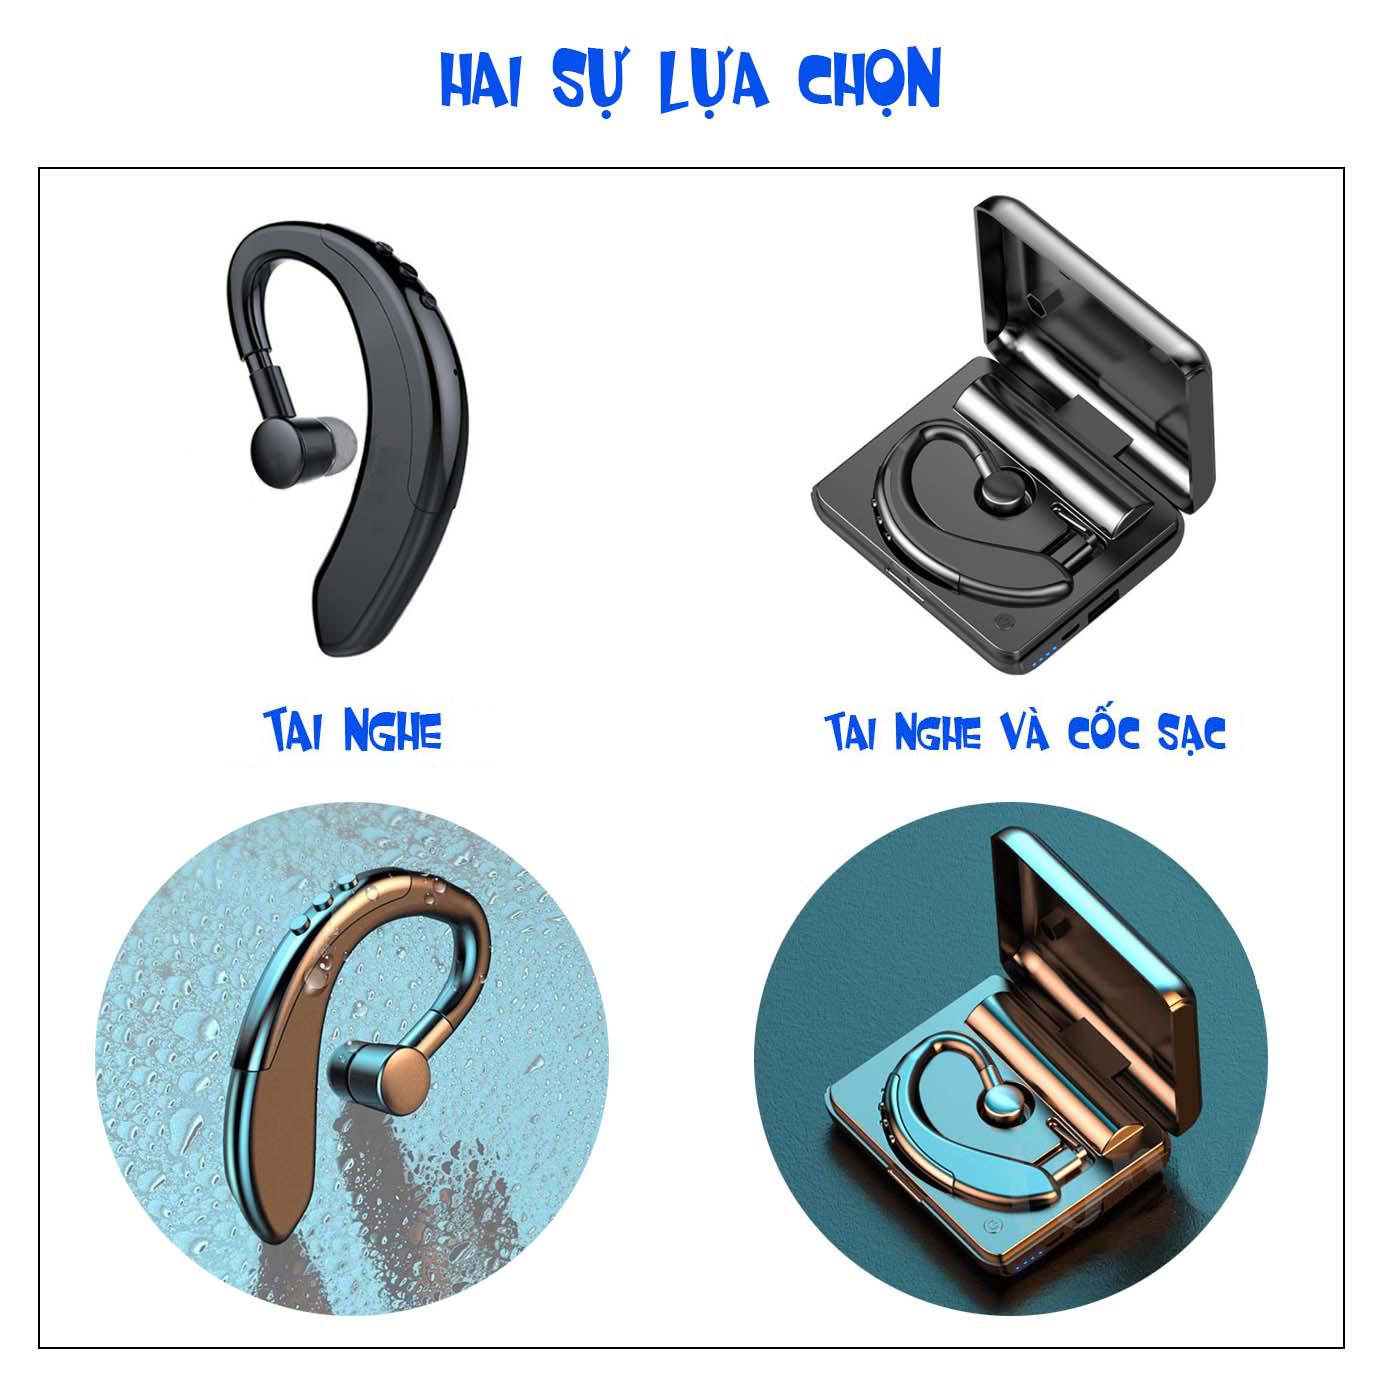 Tai nghe Bluetooth không dây AMOI Y10 sạc siêu nhanh 20 phút, cốc sạc kiêm sạc dự phòng 1200mAh, hỗ trợ đàm thoại nghe nhạc, tai nghe nhét tai không dây, tai nghe có mic-Hàng chính hãng